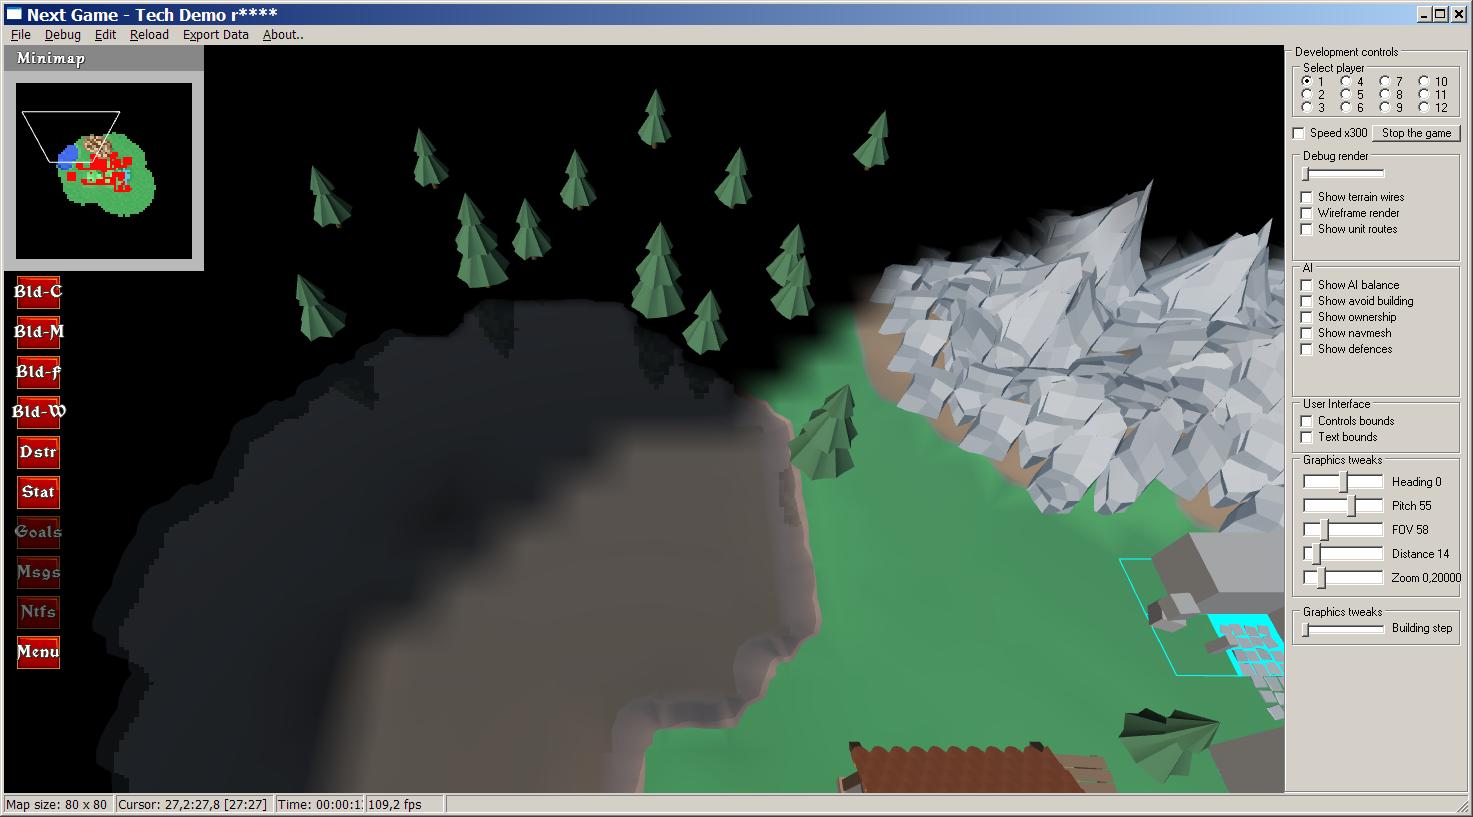 2014-08-08 terrain fow